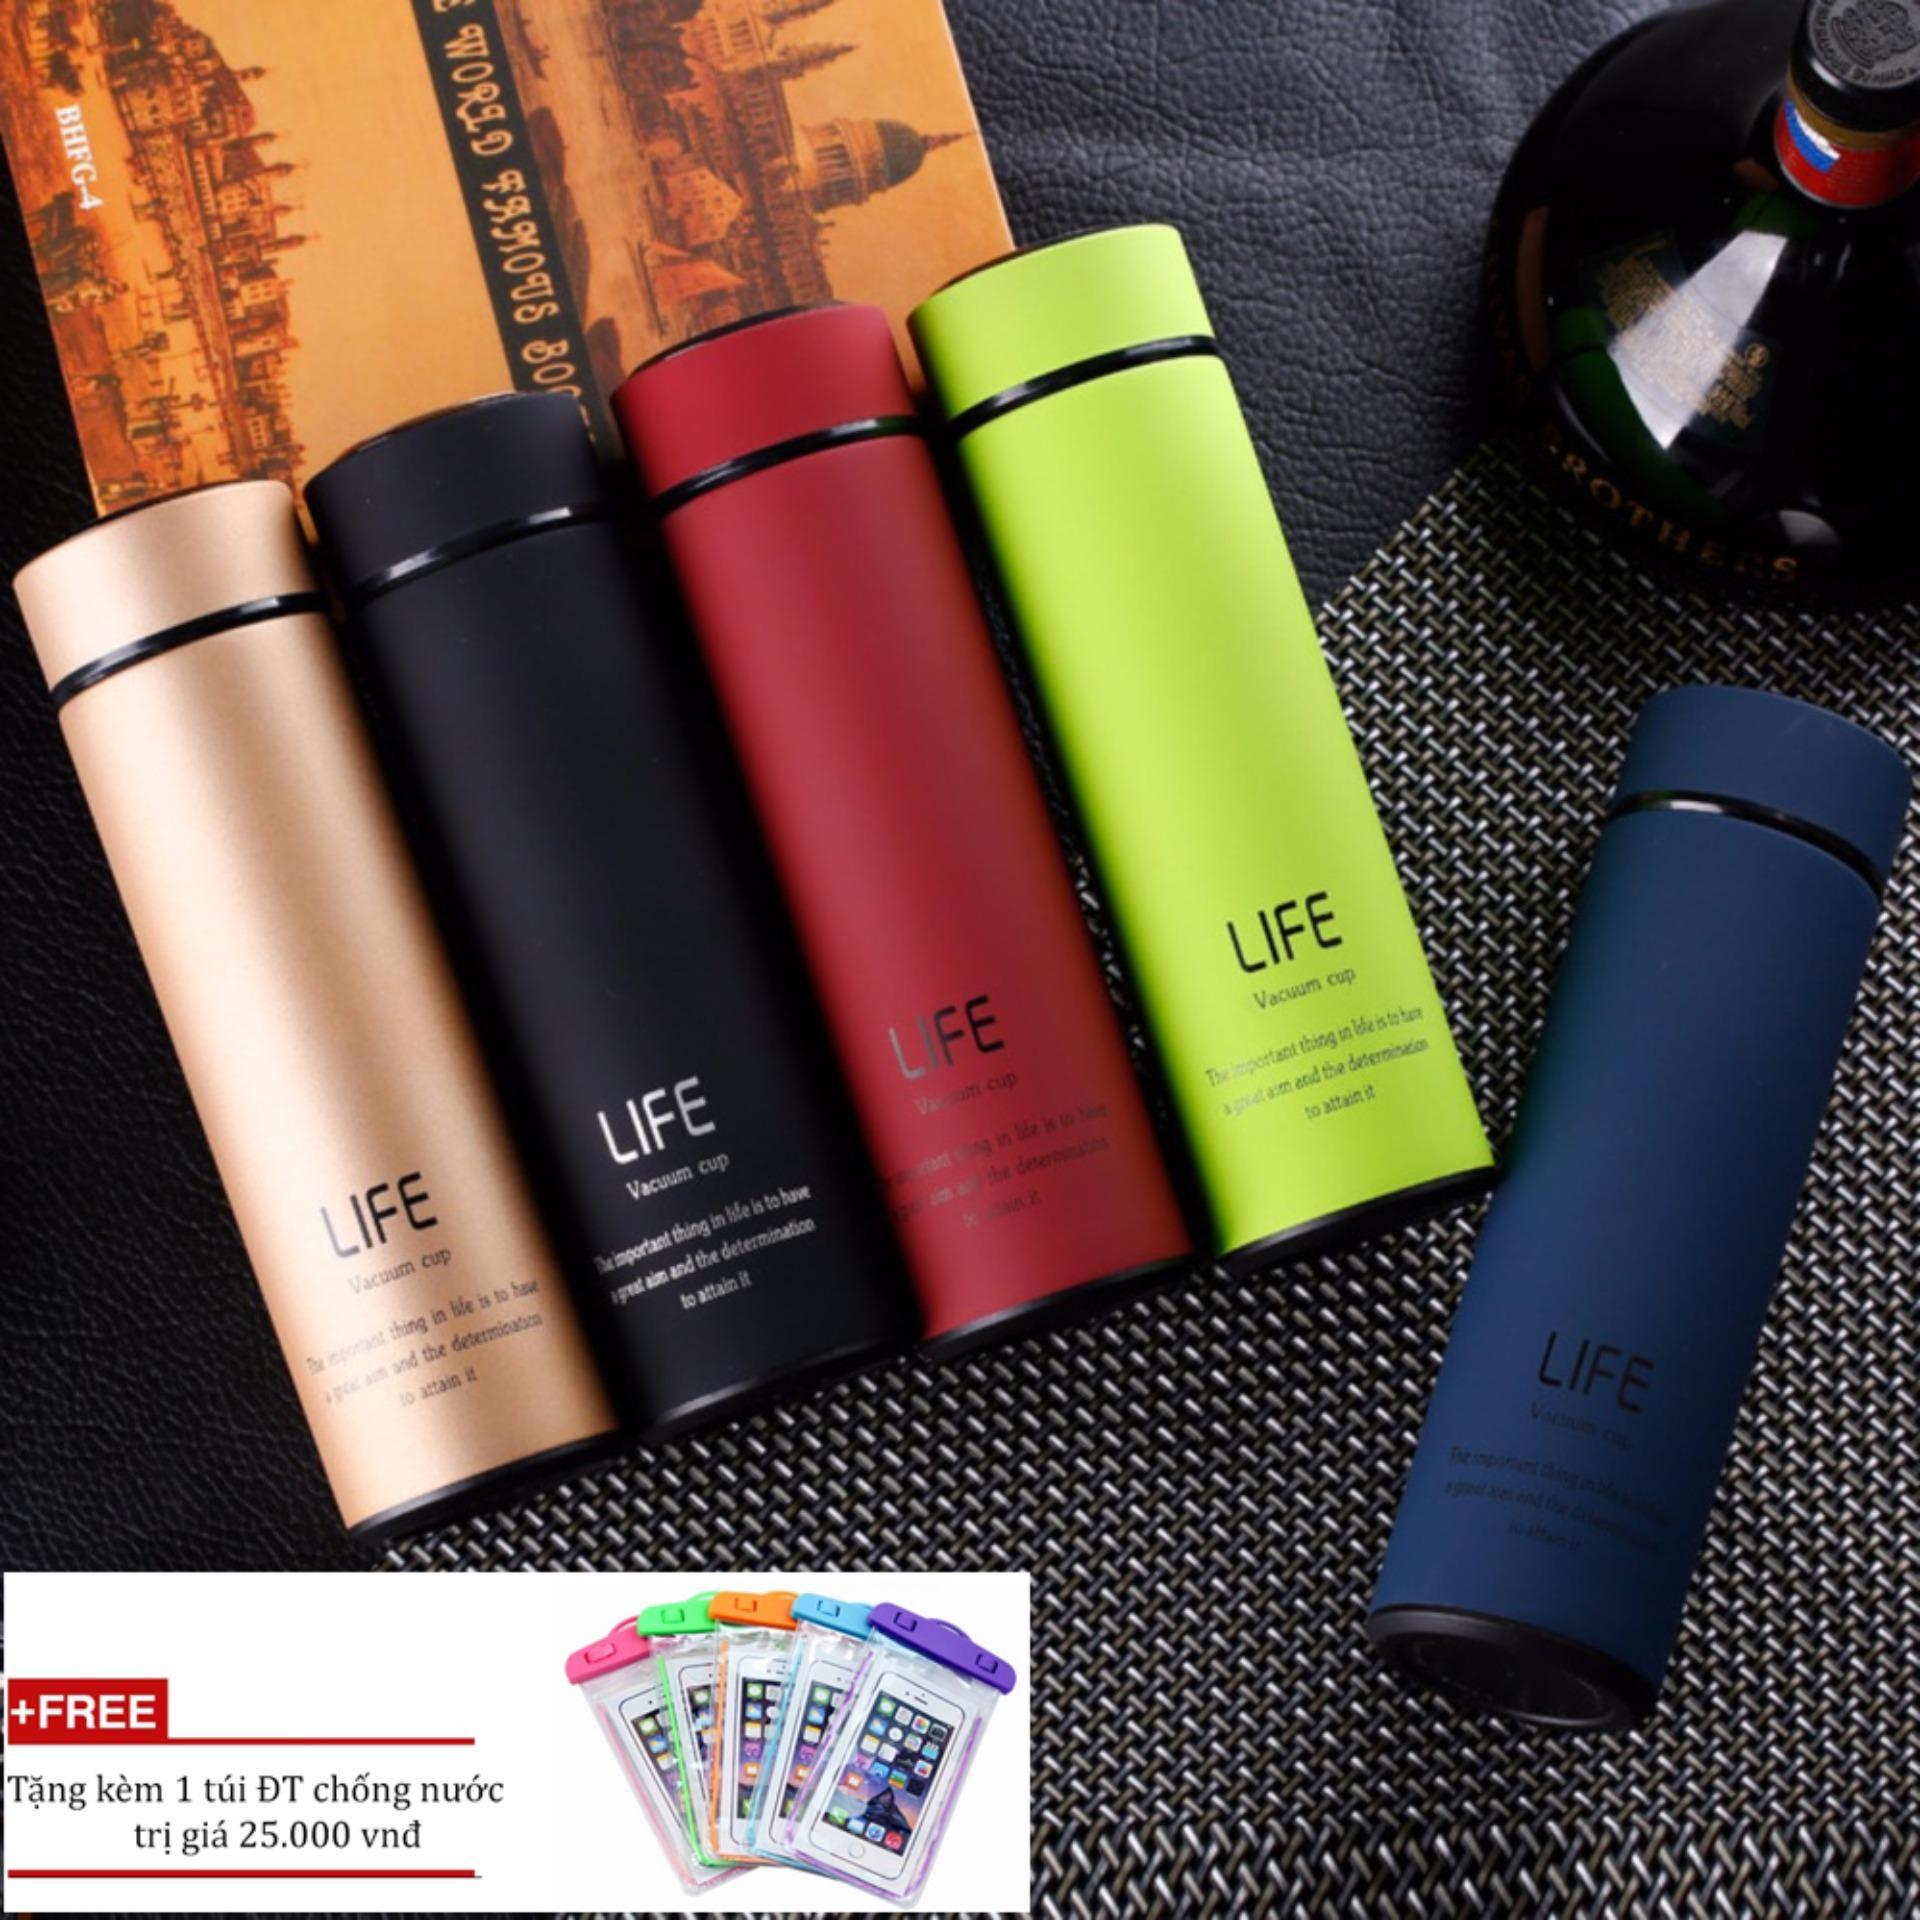 BÌnh giữ nhiệt cao cấp giá rẻ 450ml/bình giữ nhiệt inox 304 (Màu ngẫu nhiên) + Tặng túi ĐT chống nước